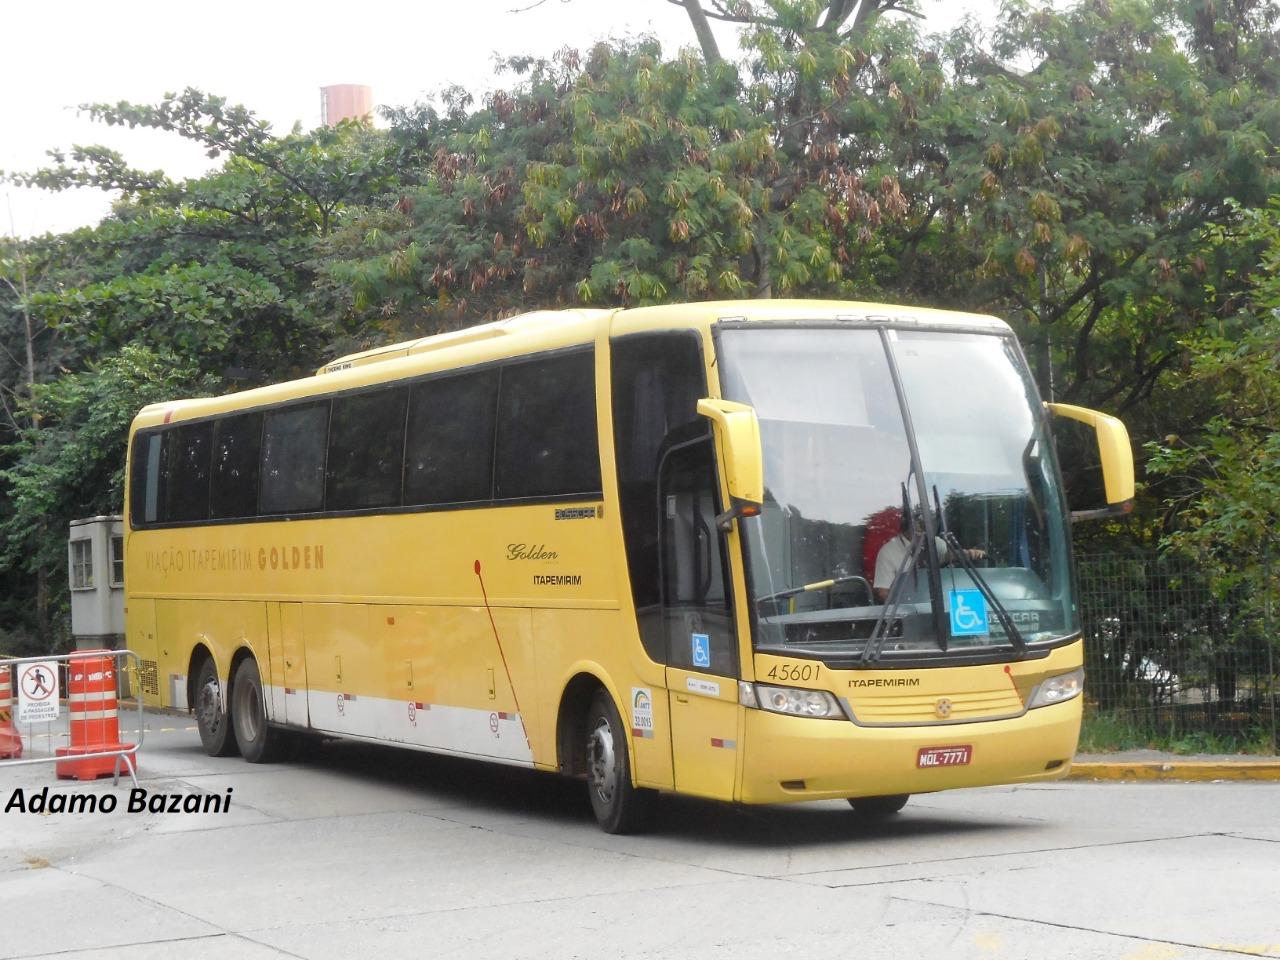 81b6d237a Justiça bloqueia bens da Viação Itapemirim e proíbe companhia de passar  linhas de ônibus para outras empresas